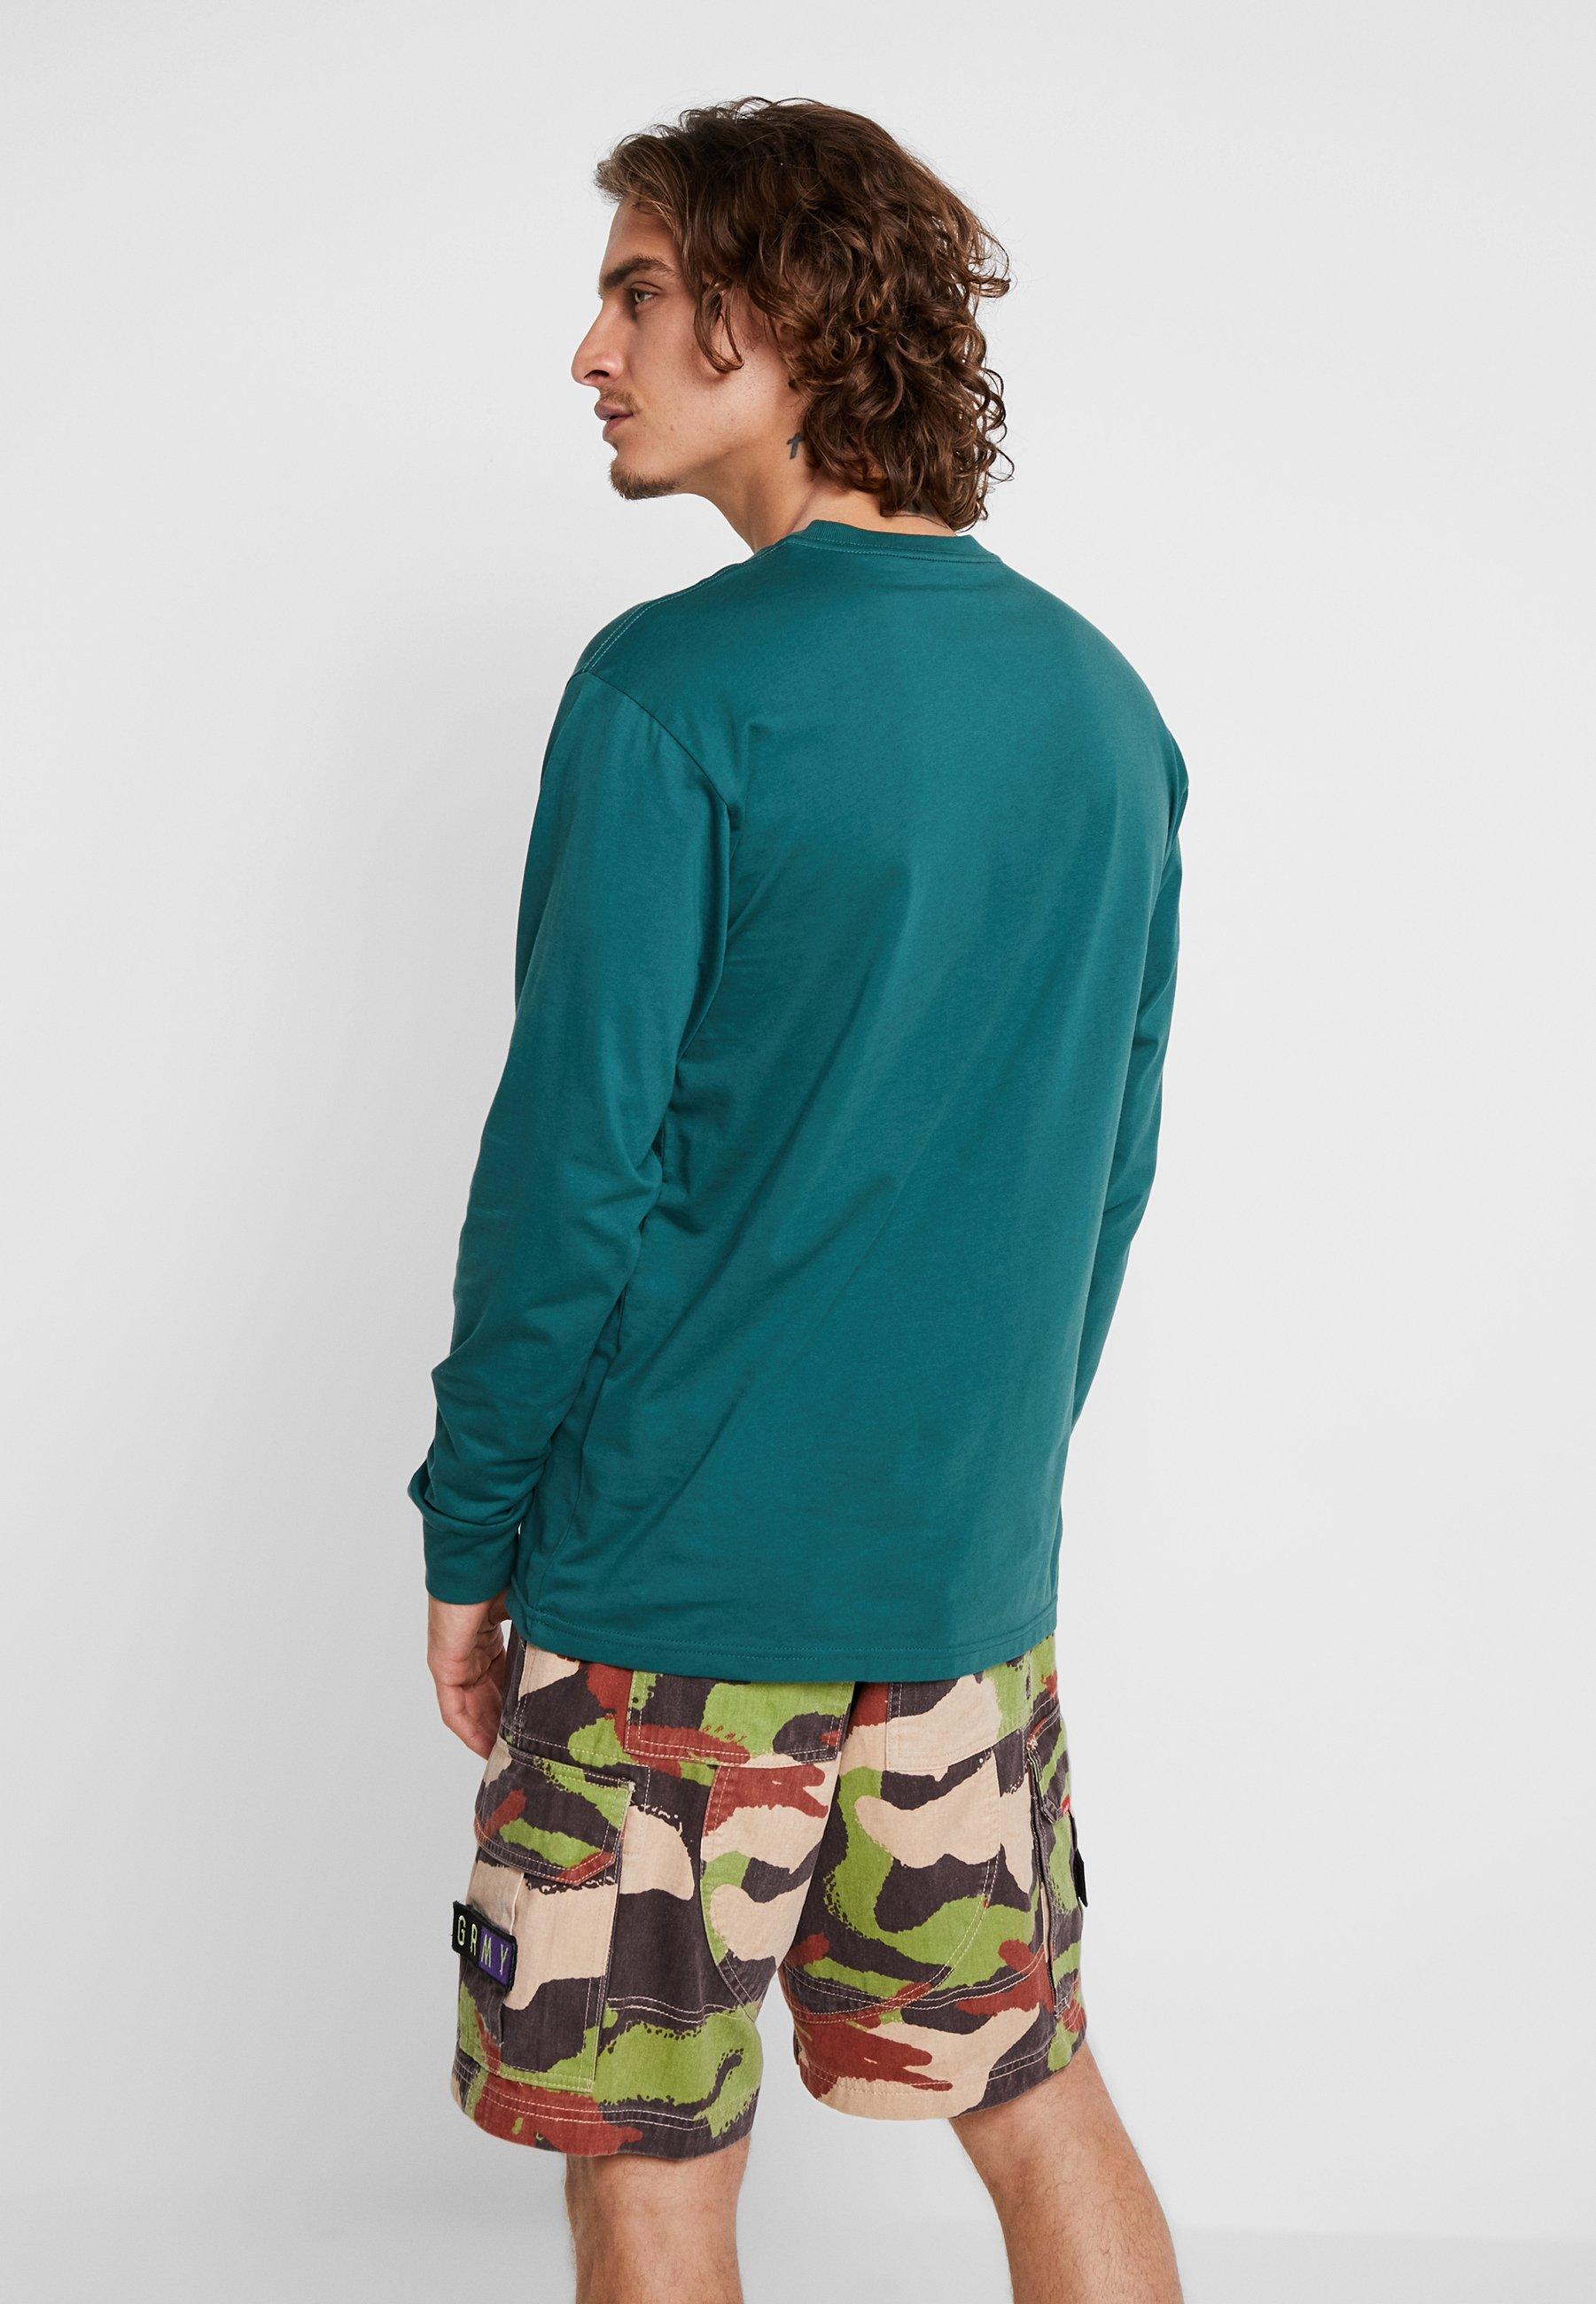 Green shirt Longues FitT À Vans Classic Trekking Manches white JlFKT1c